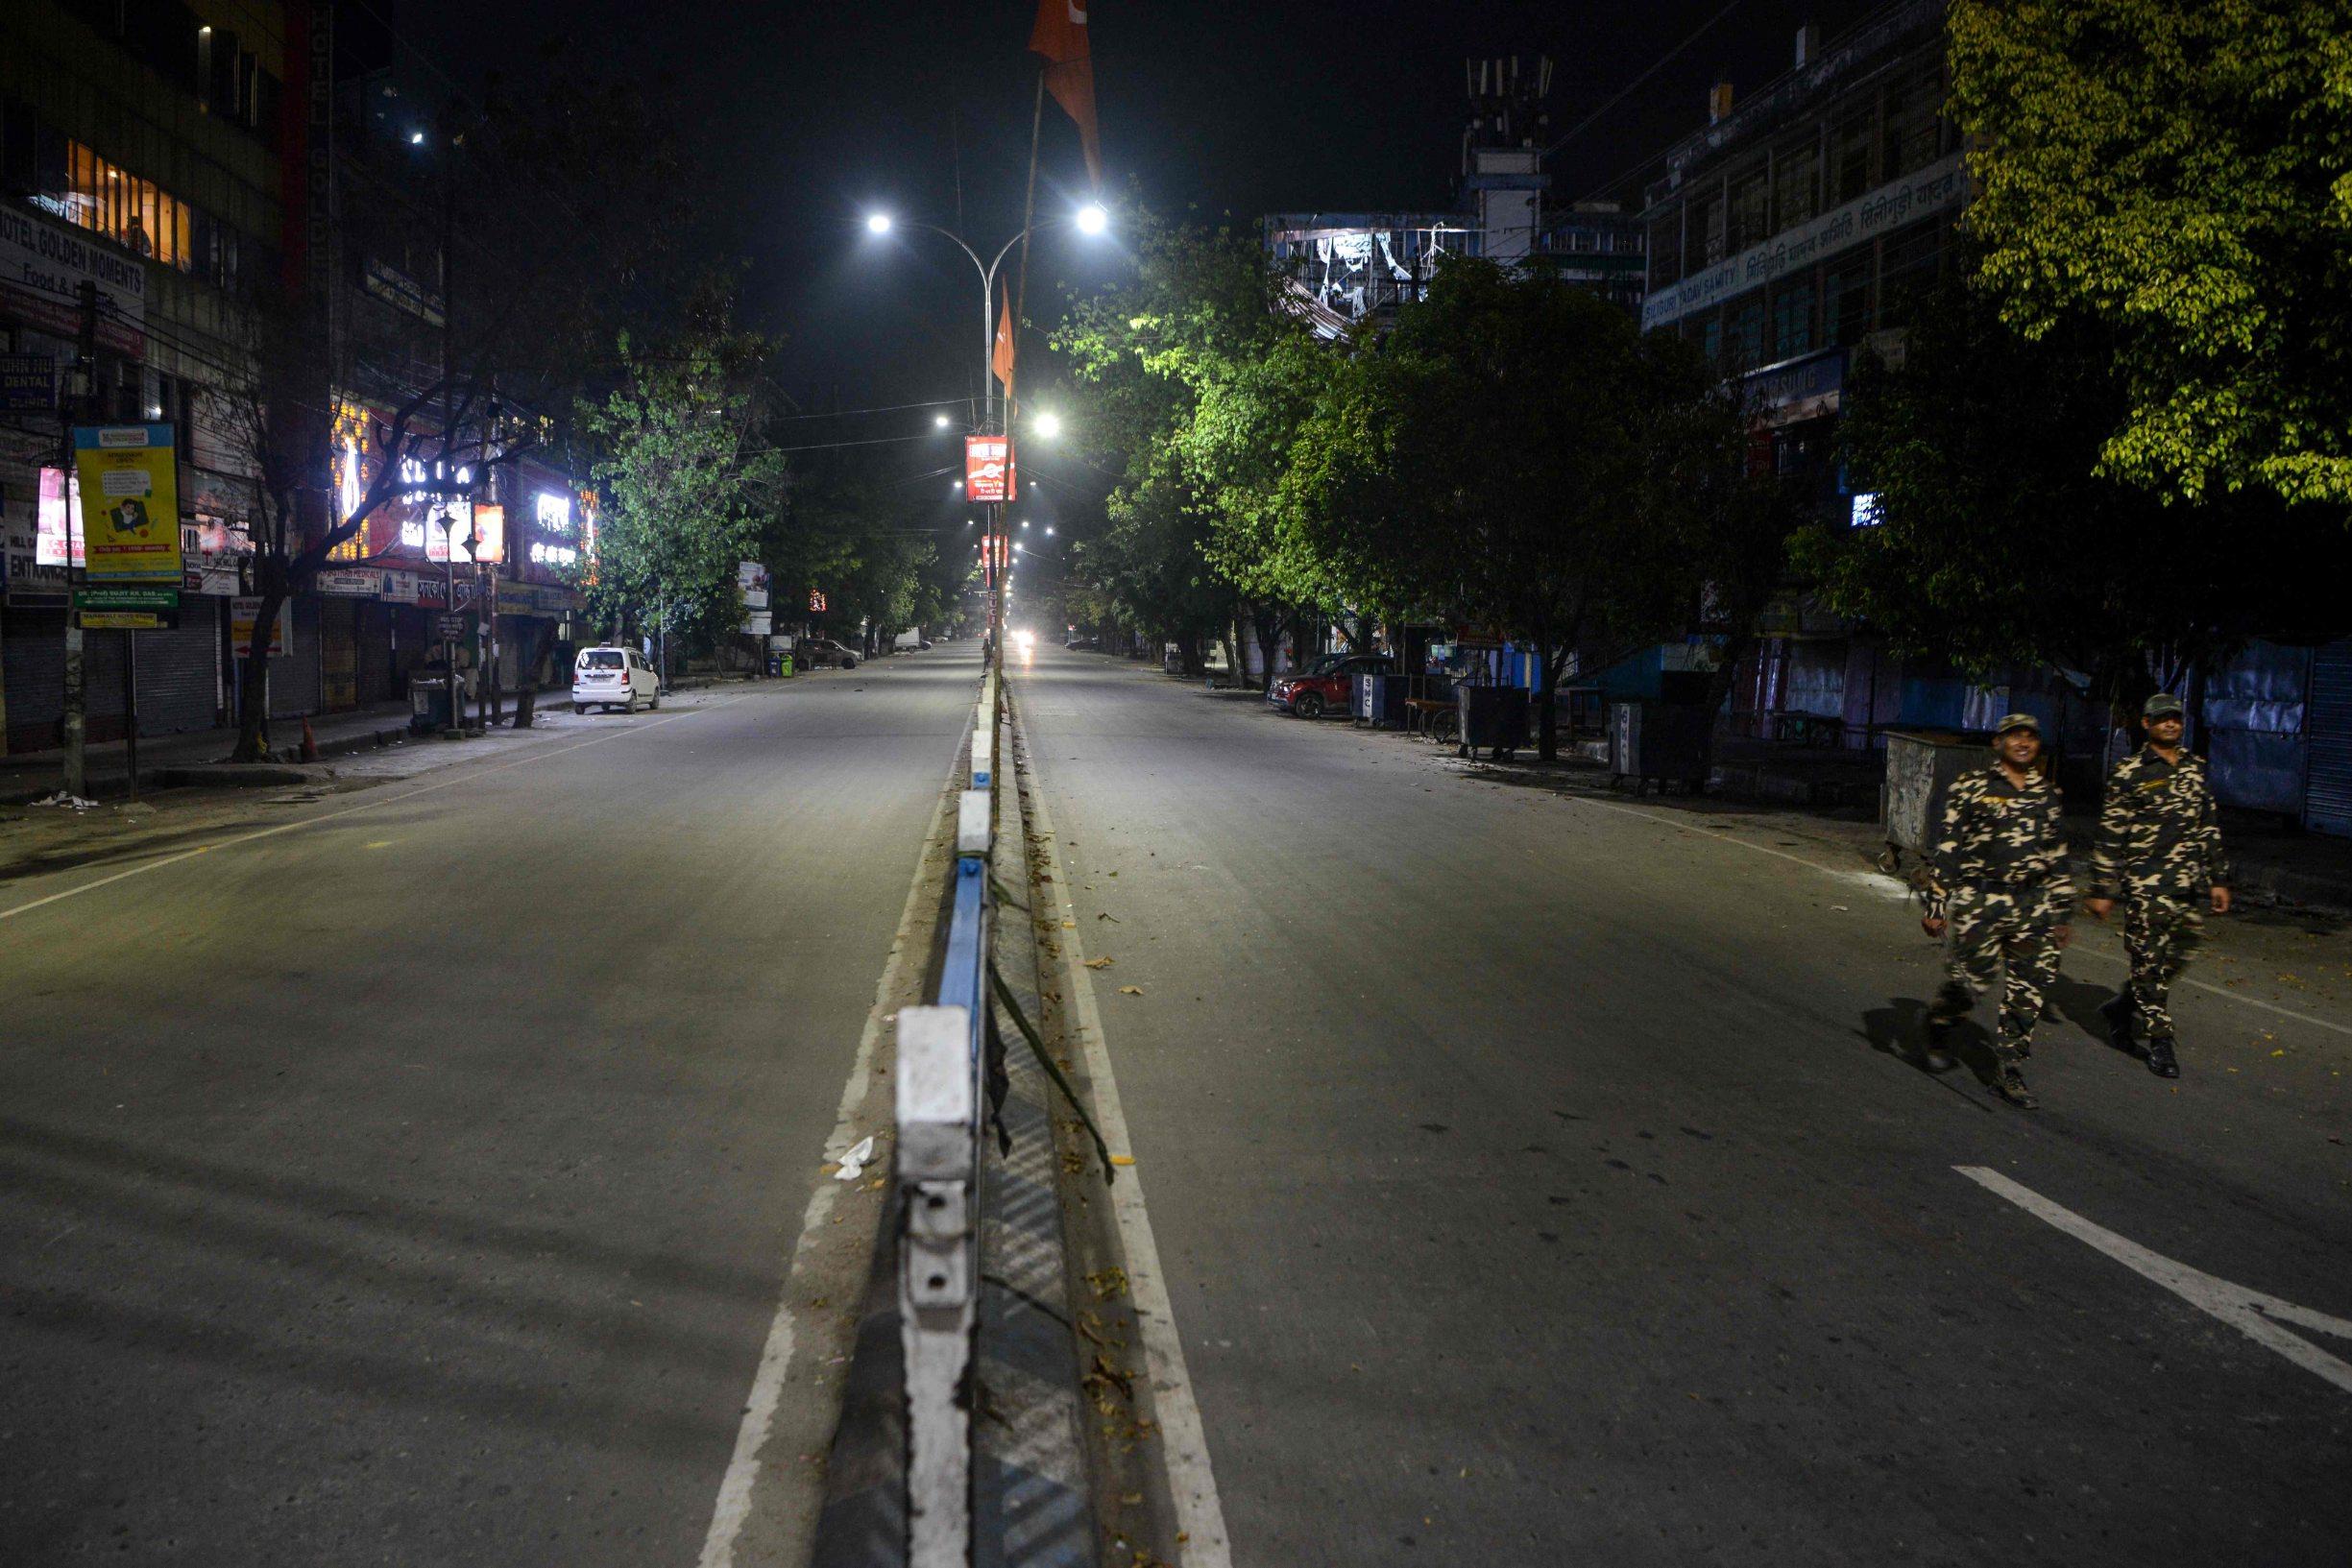 Prazne ulice indijskih gradova